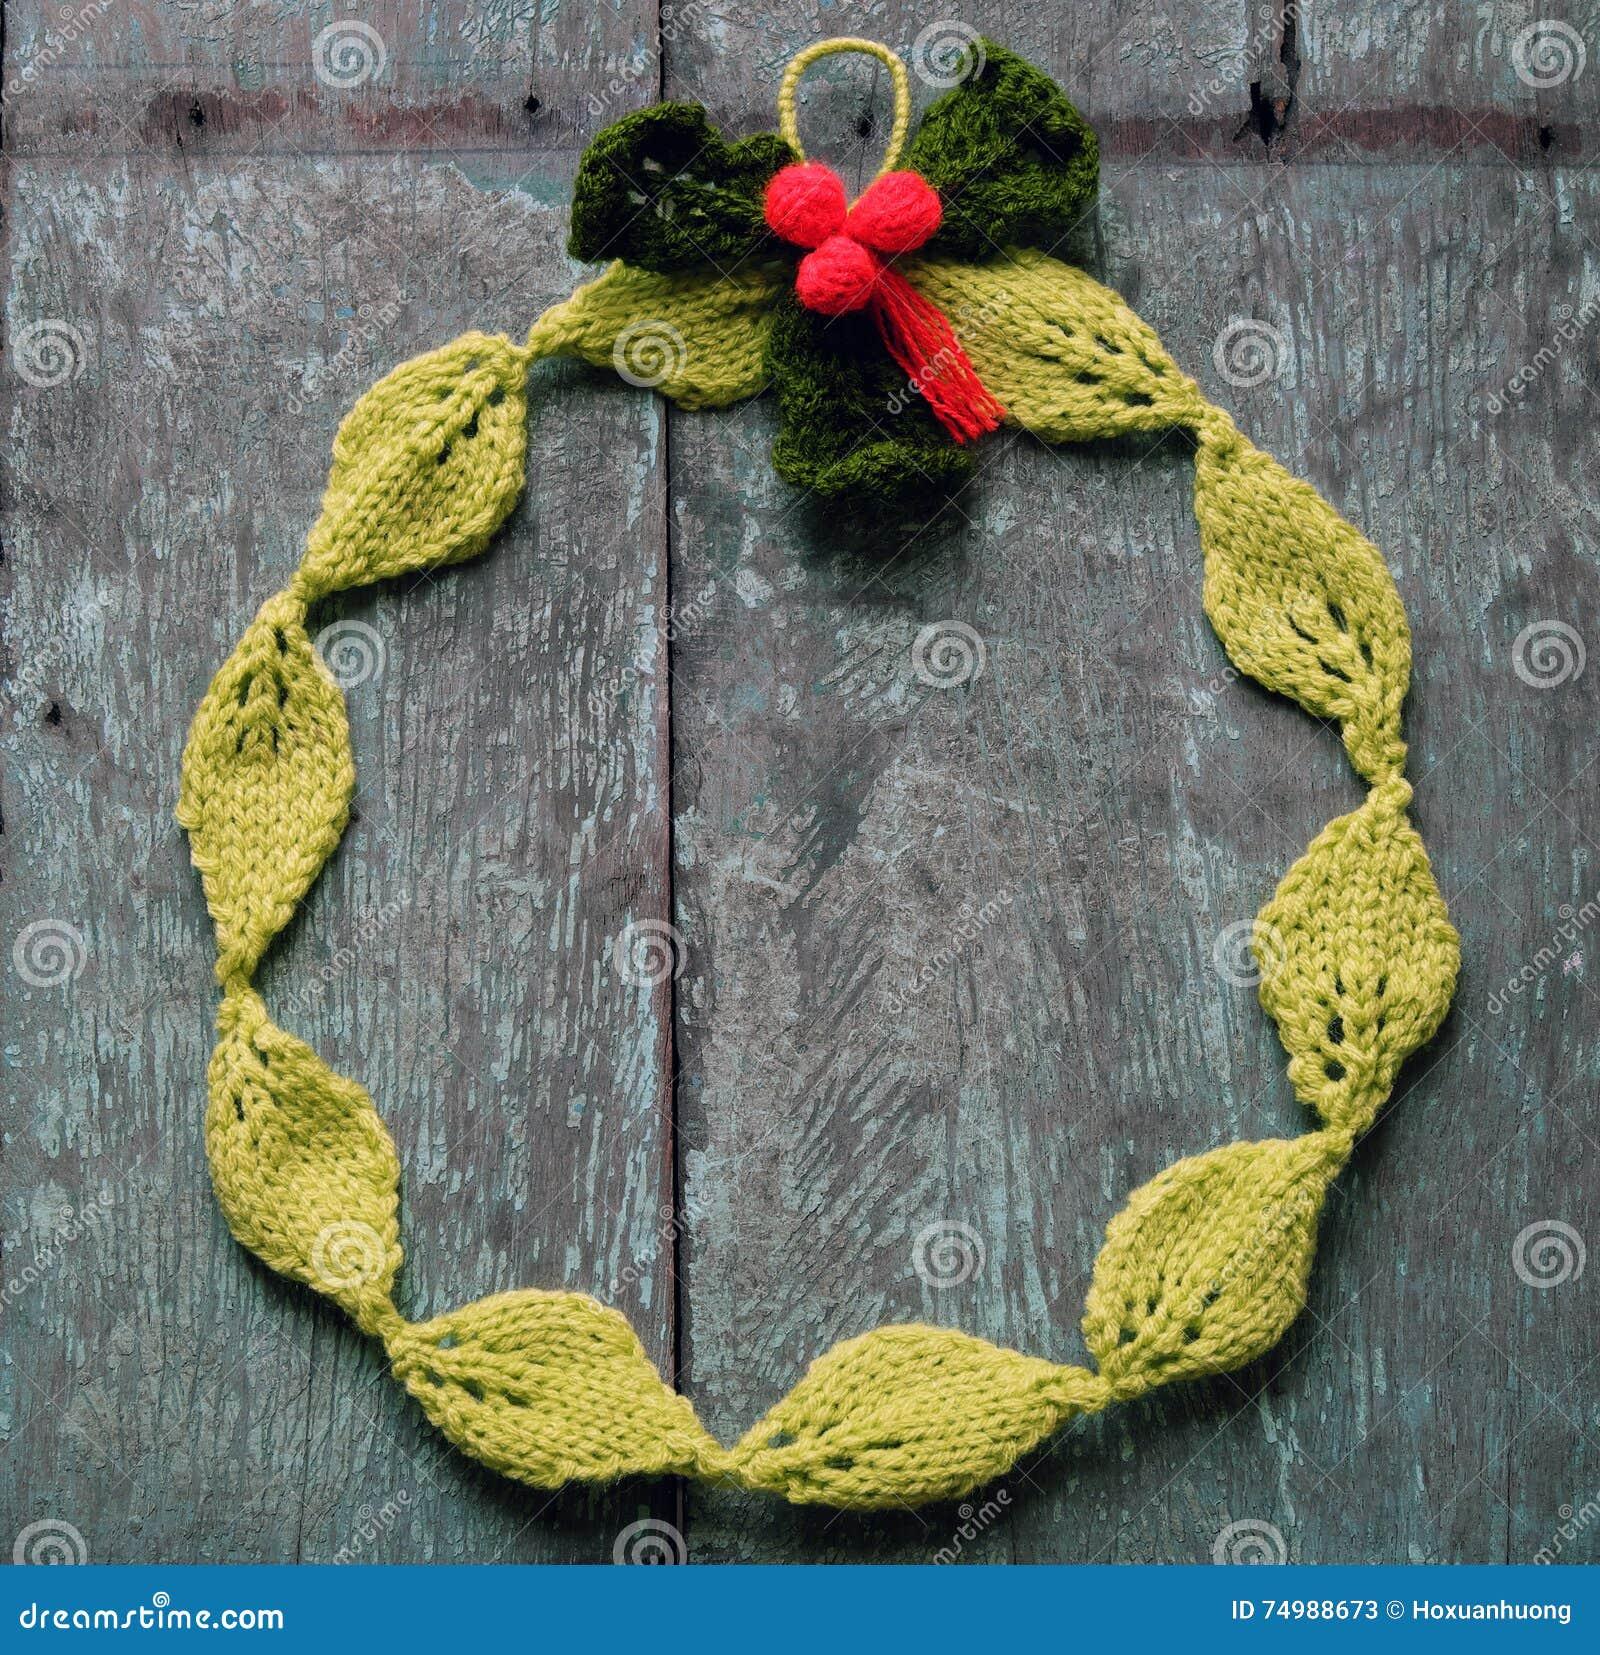 Diy Christmas Wreath Xmas Holiday Stock Image Image Of Leaf